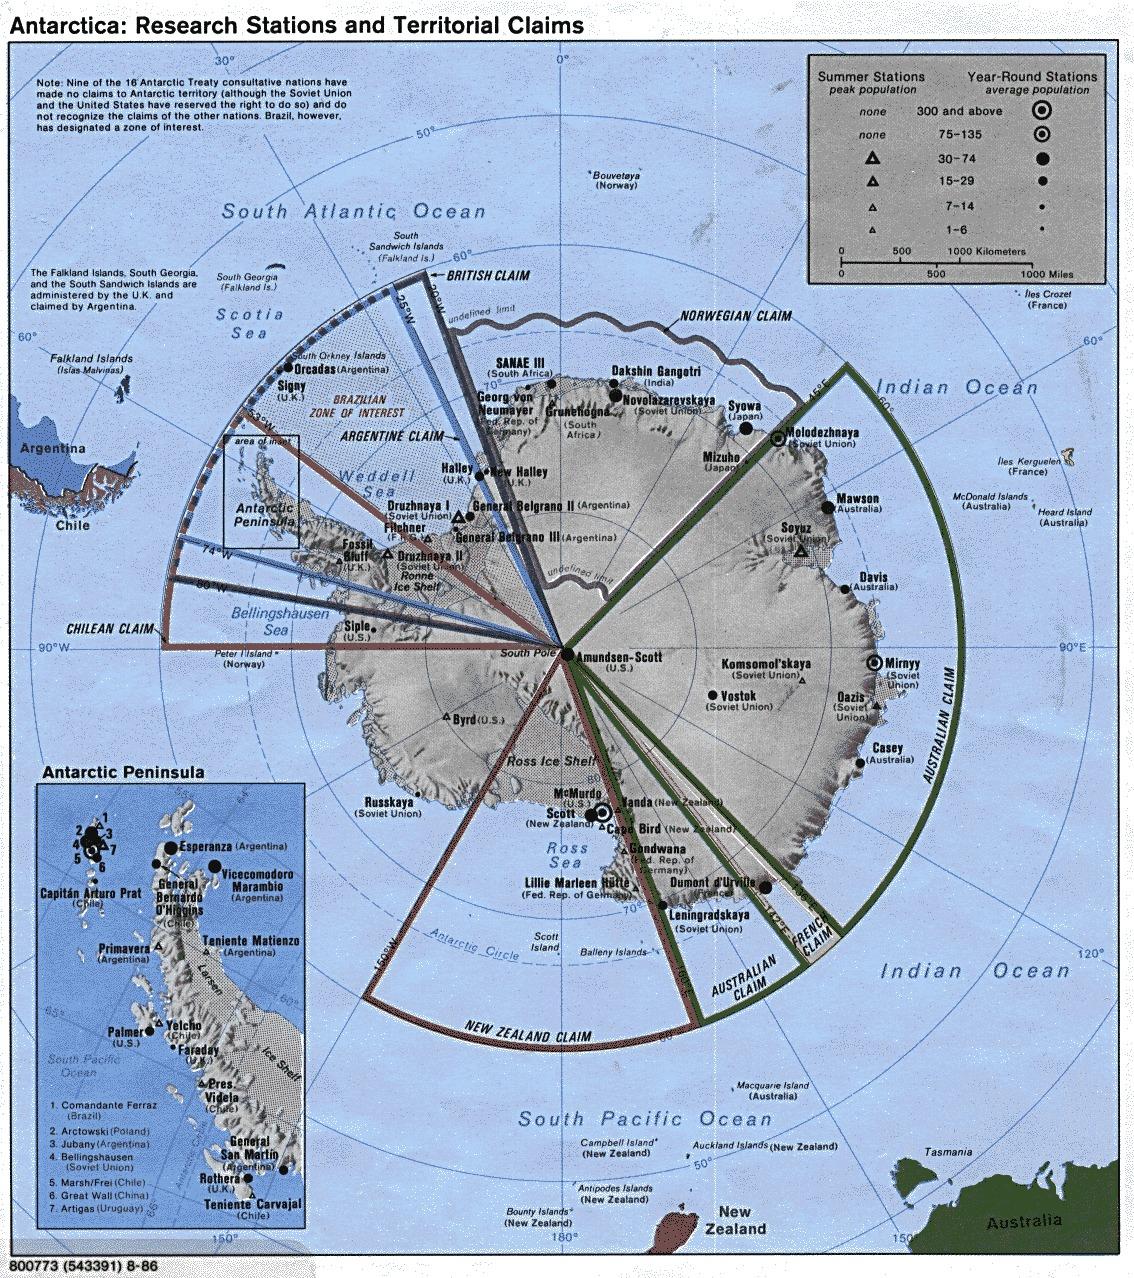 Mapa Físico de las Estaciones de Investigación y las Reivindicaciones Territoriales en Antarctica